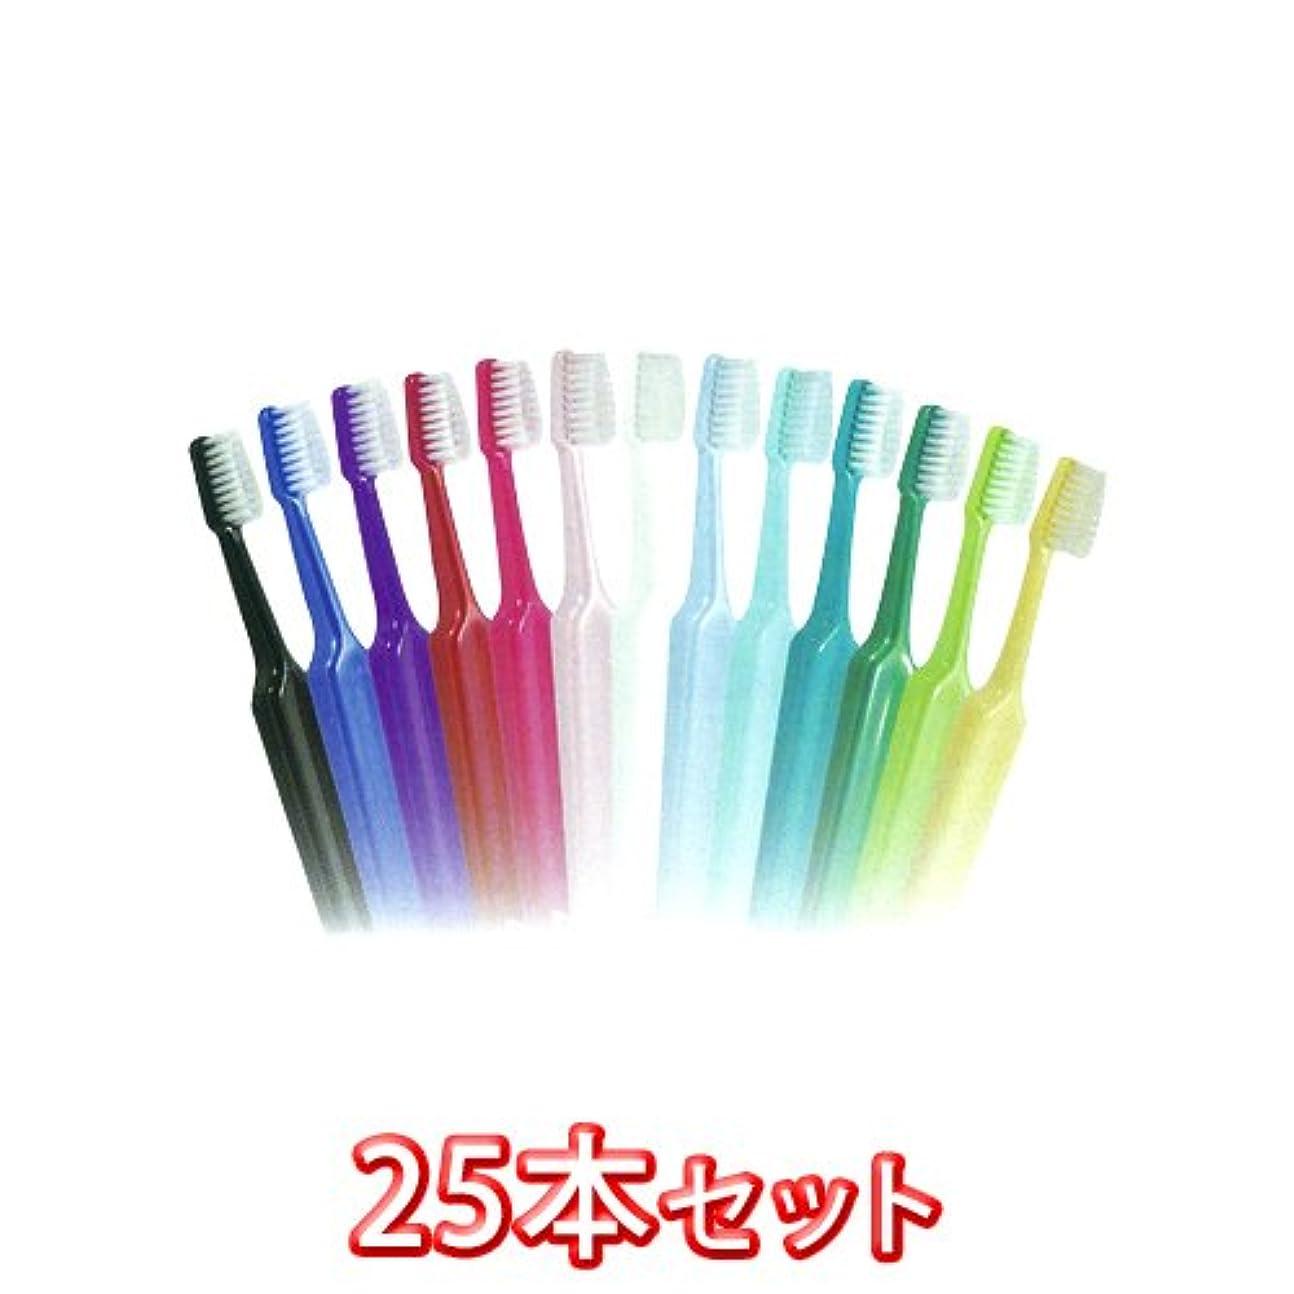 普通に油キャッチクロスフィールド TePe テペ セレクトミディアム 歯ブラシ 25本入